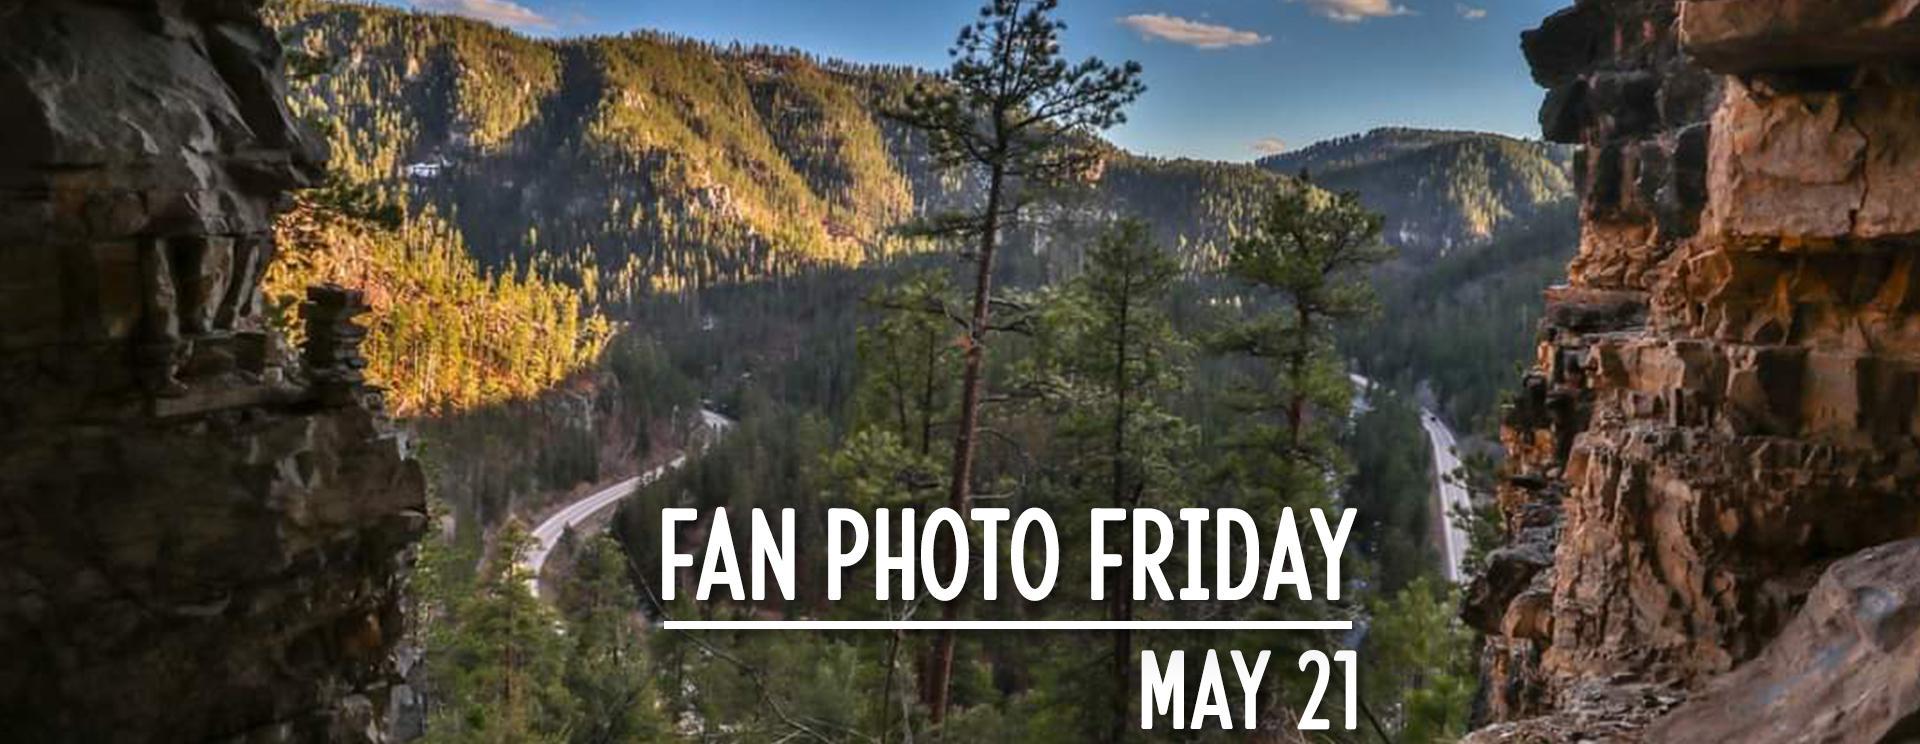 Fan Photo Friday   May 21, 2021